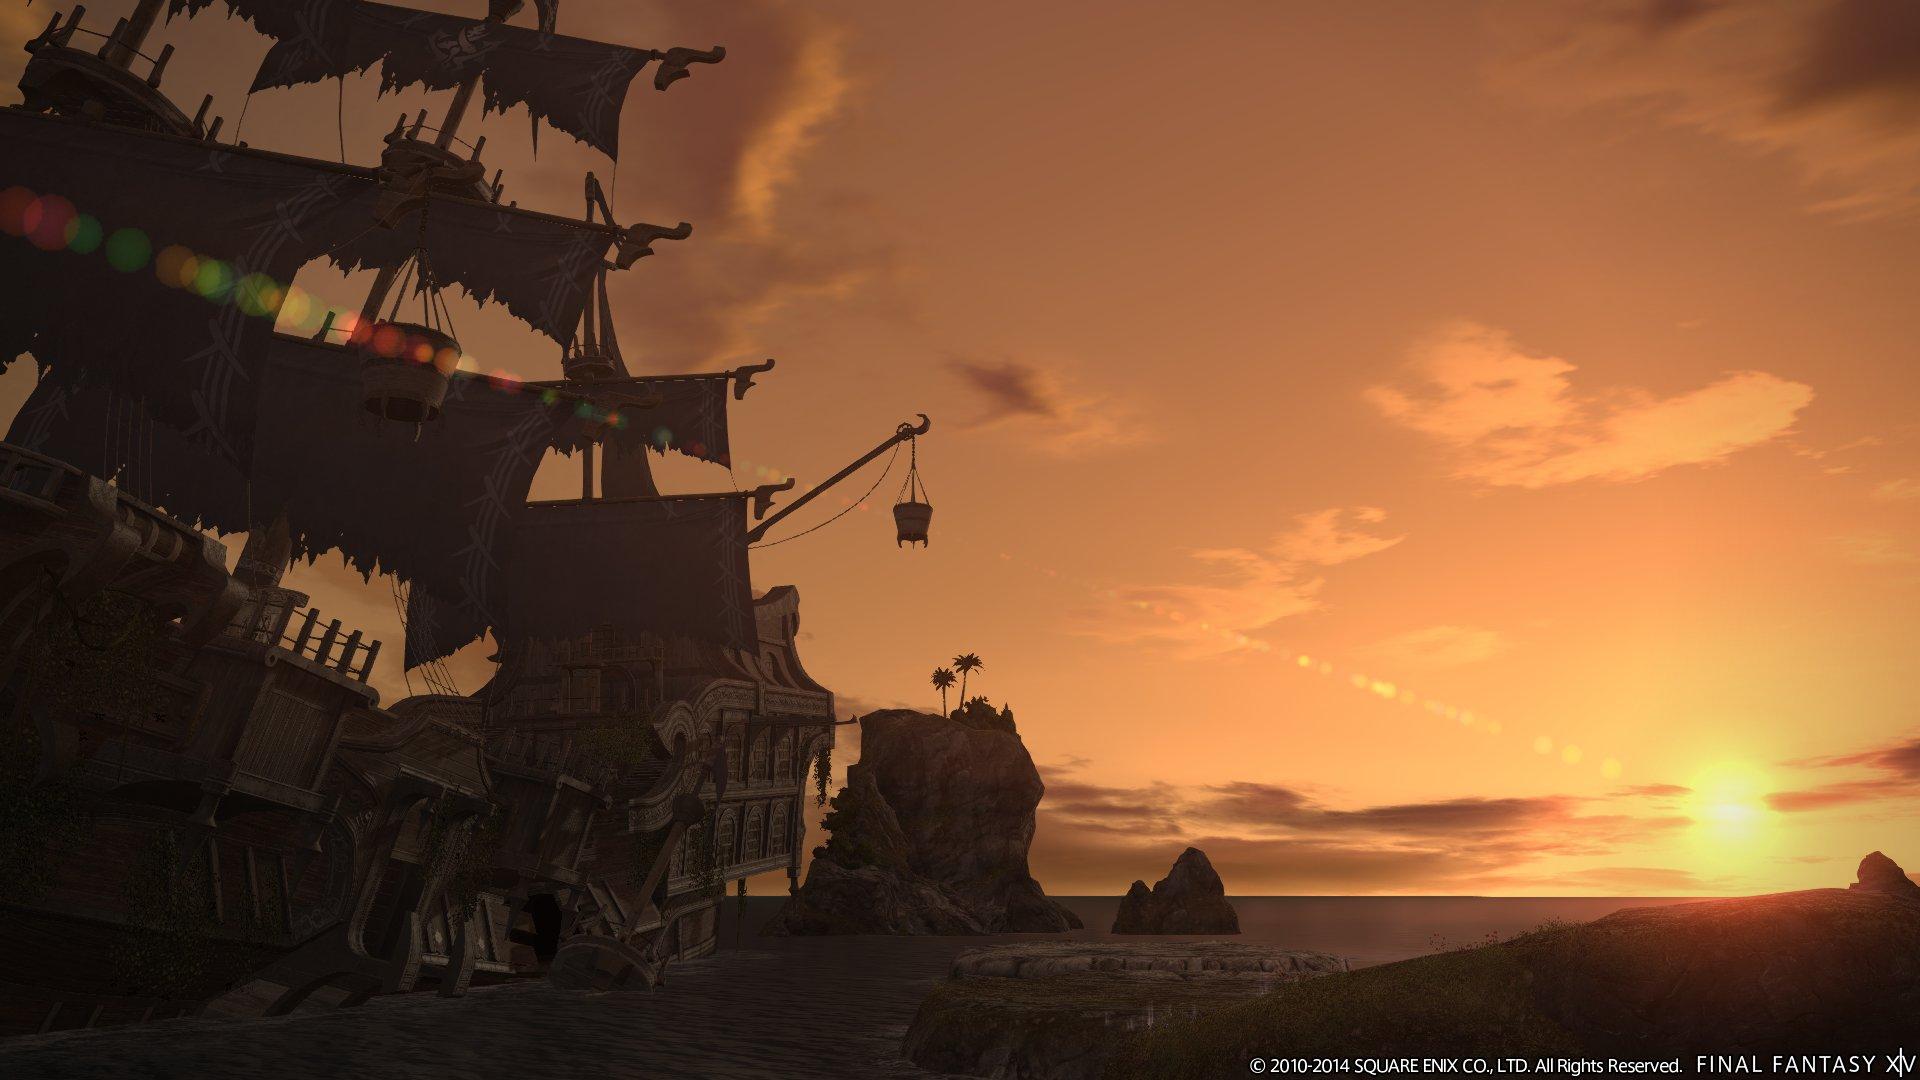 伝説の海賊王「霧髭」の船と美しい夕日。他のスクリーンショットが昼間なのに、なぜこれだけ夕方なのか、謎が残る1枚だ